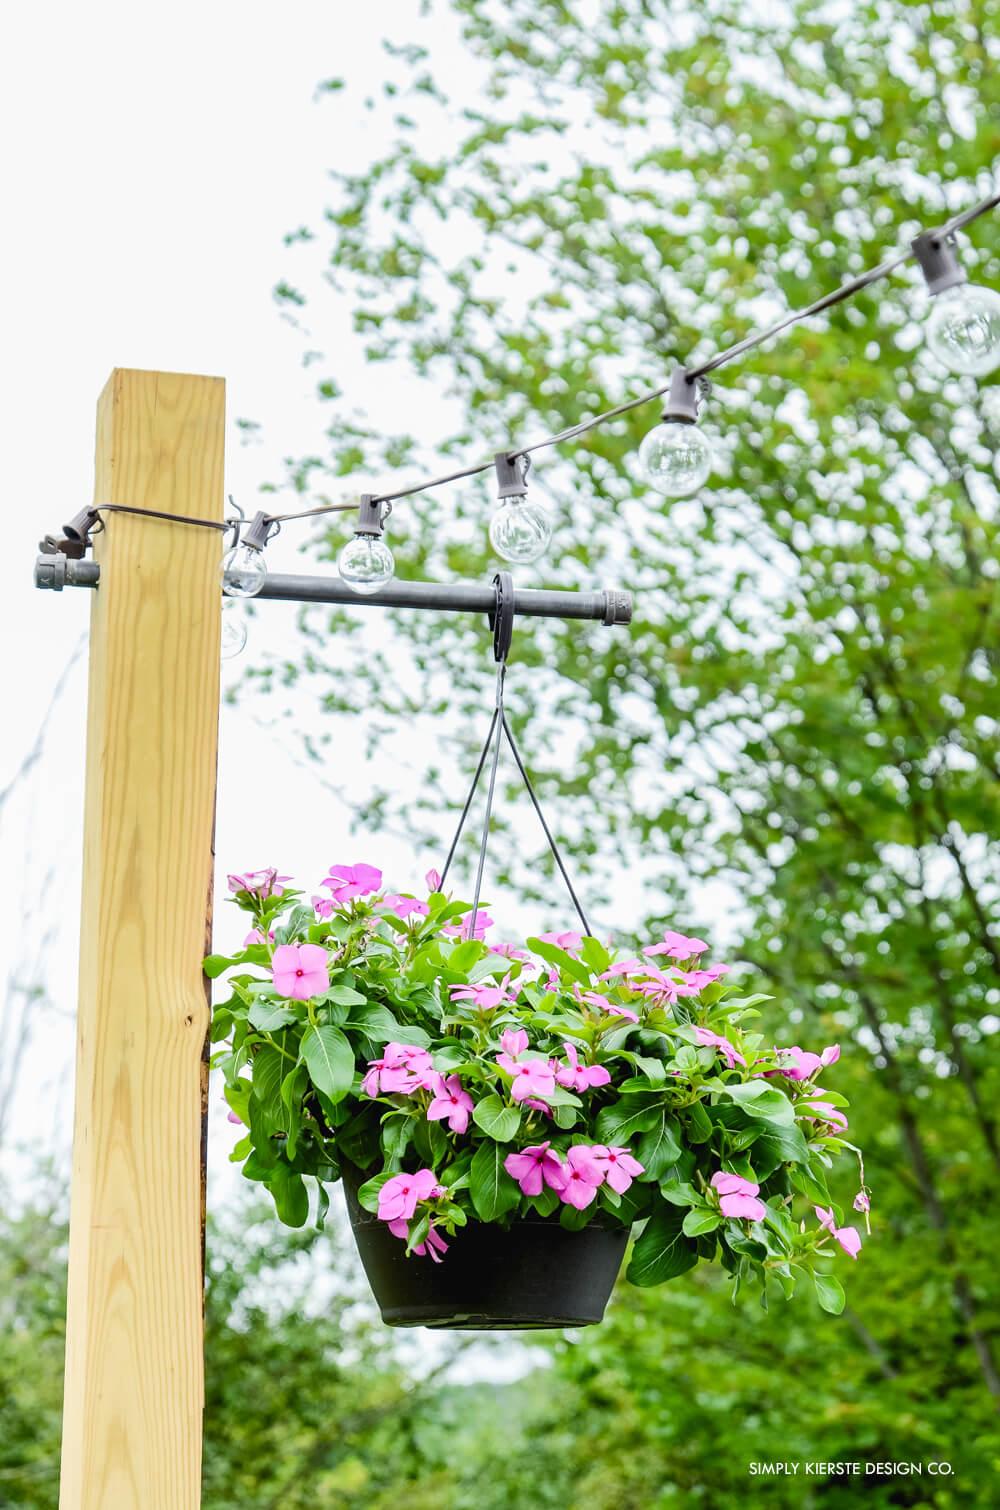 DIY Posts for String Lights & Hanging Plants